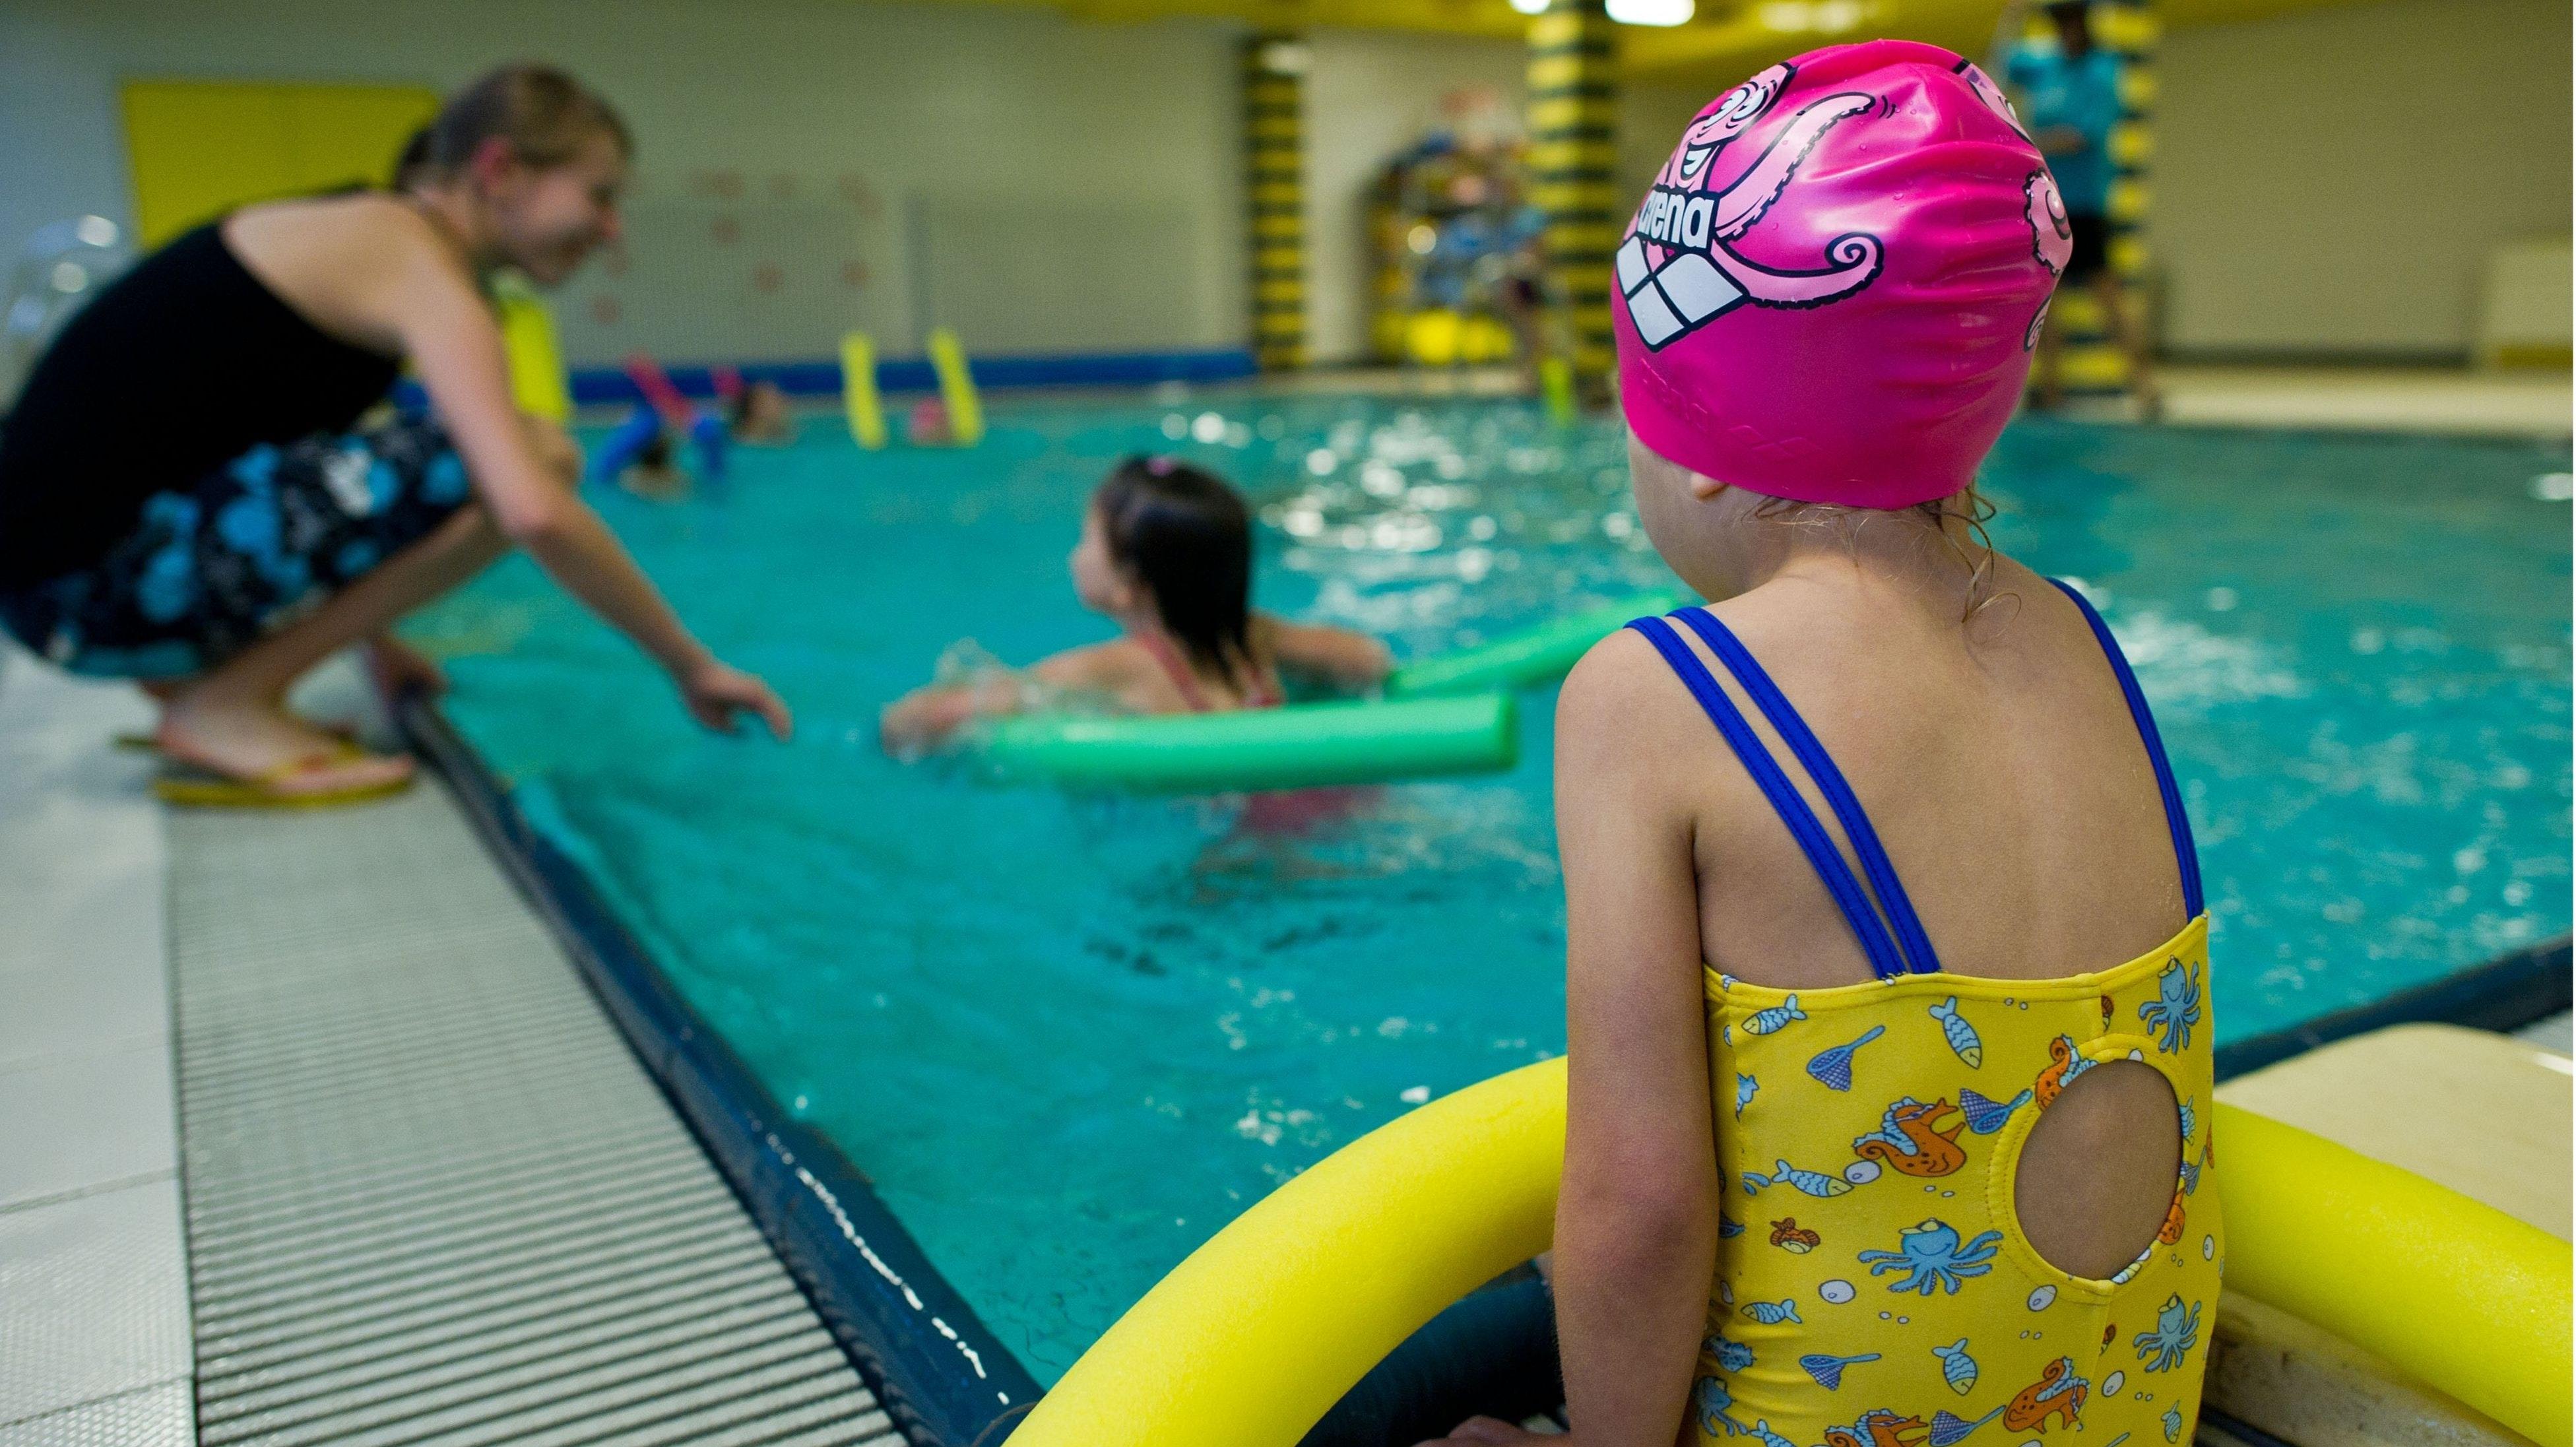 Mutig ins kühle Nass: Ehrenamtliche und Hauptamliche helfen Kindern, schwimmen zu lernen. Momentan allerdings bleiben alle auf dem Trockenen. Symbolbild: dpa